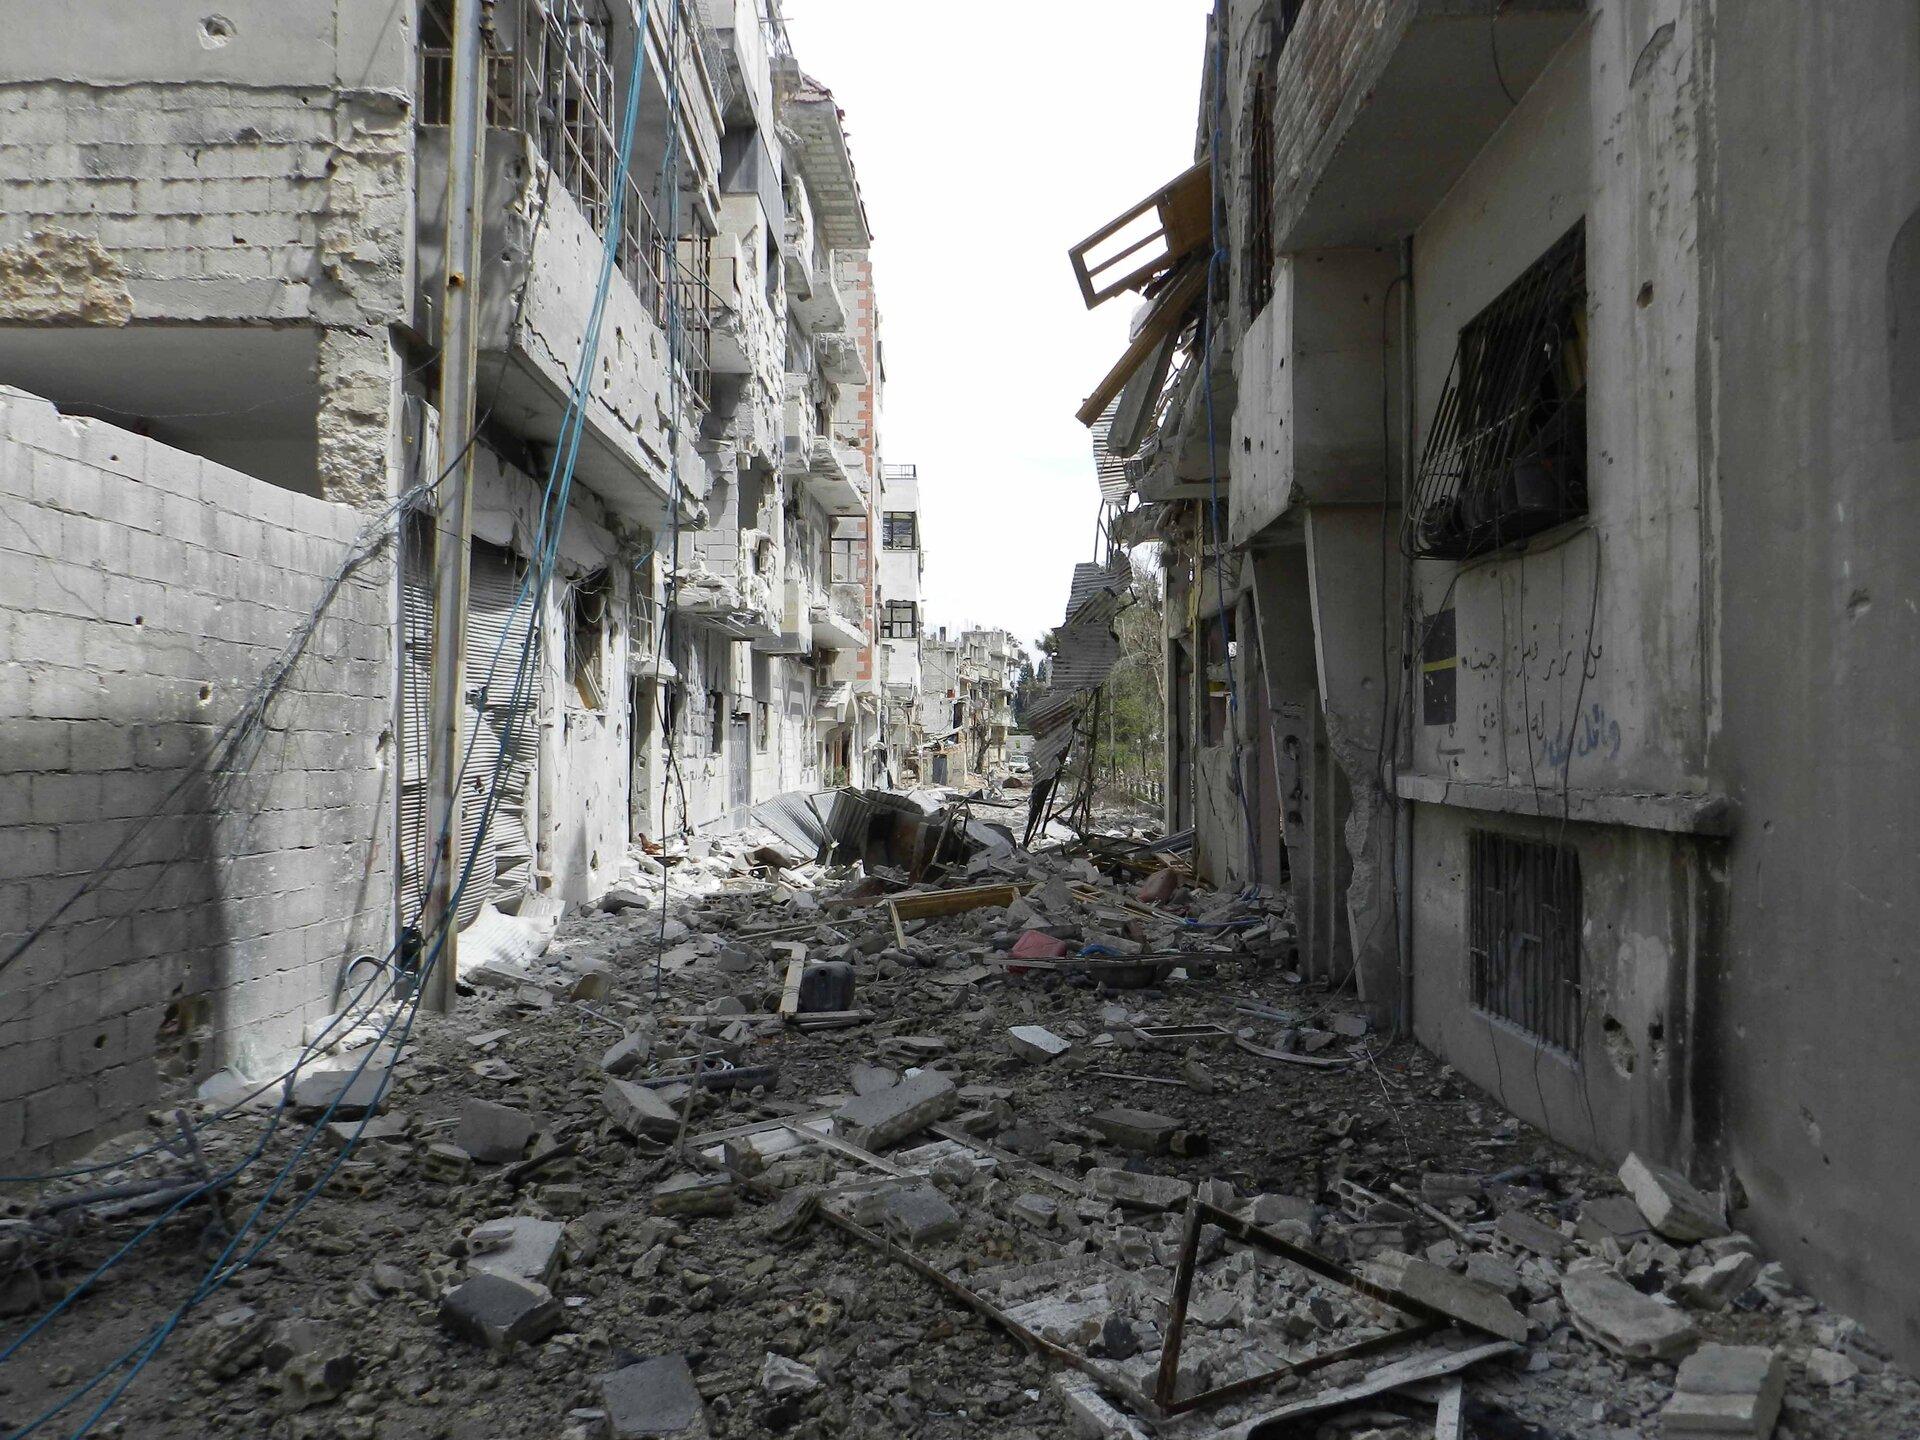 Zniszczenia wHims wywołane ofensywą wojska syryjskiego Zniszczenia wHims wywołane ofensywą wojska syryjskiego Źródło: Bo yaser, licencja: CC BY-SA 3.0.